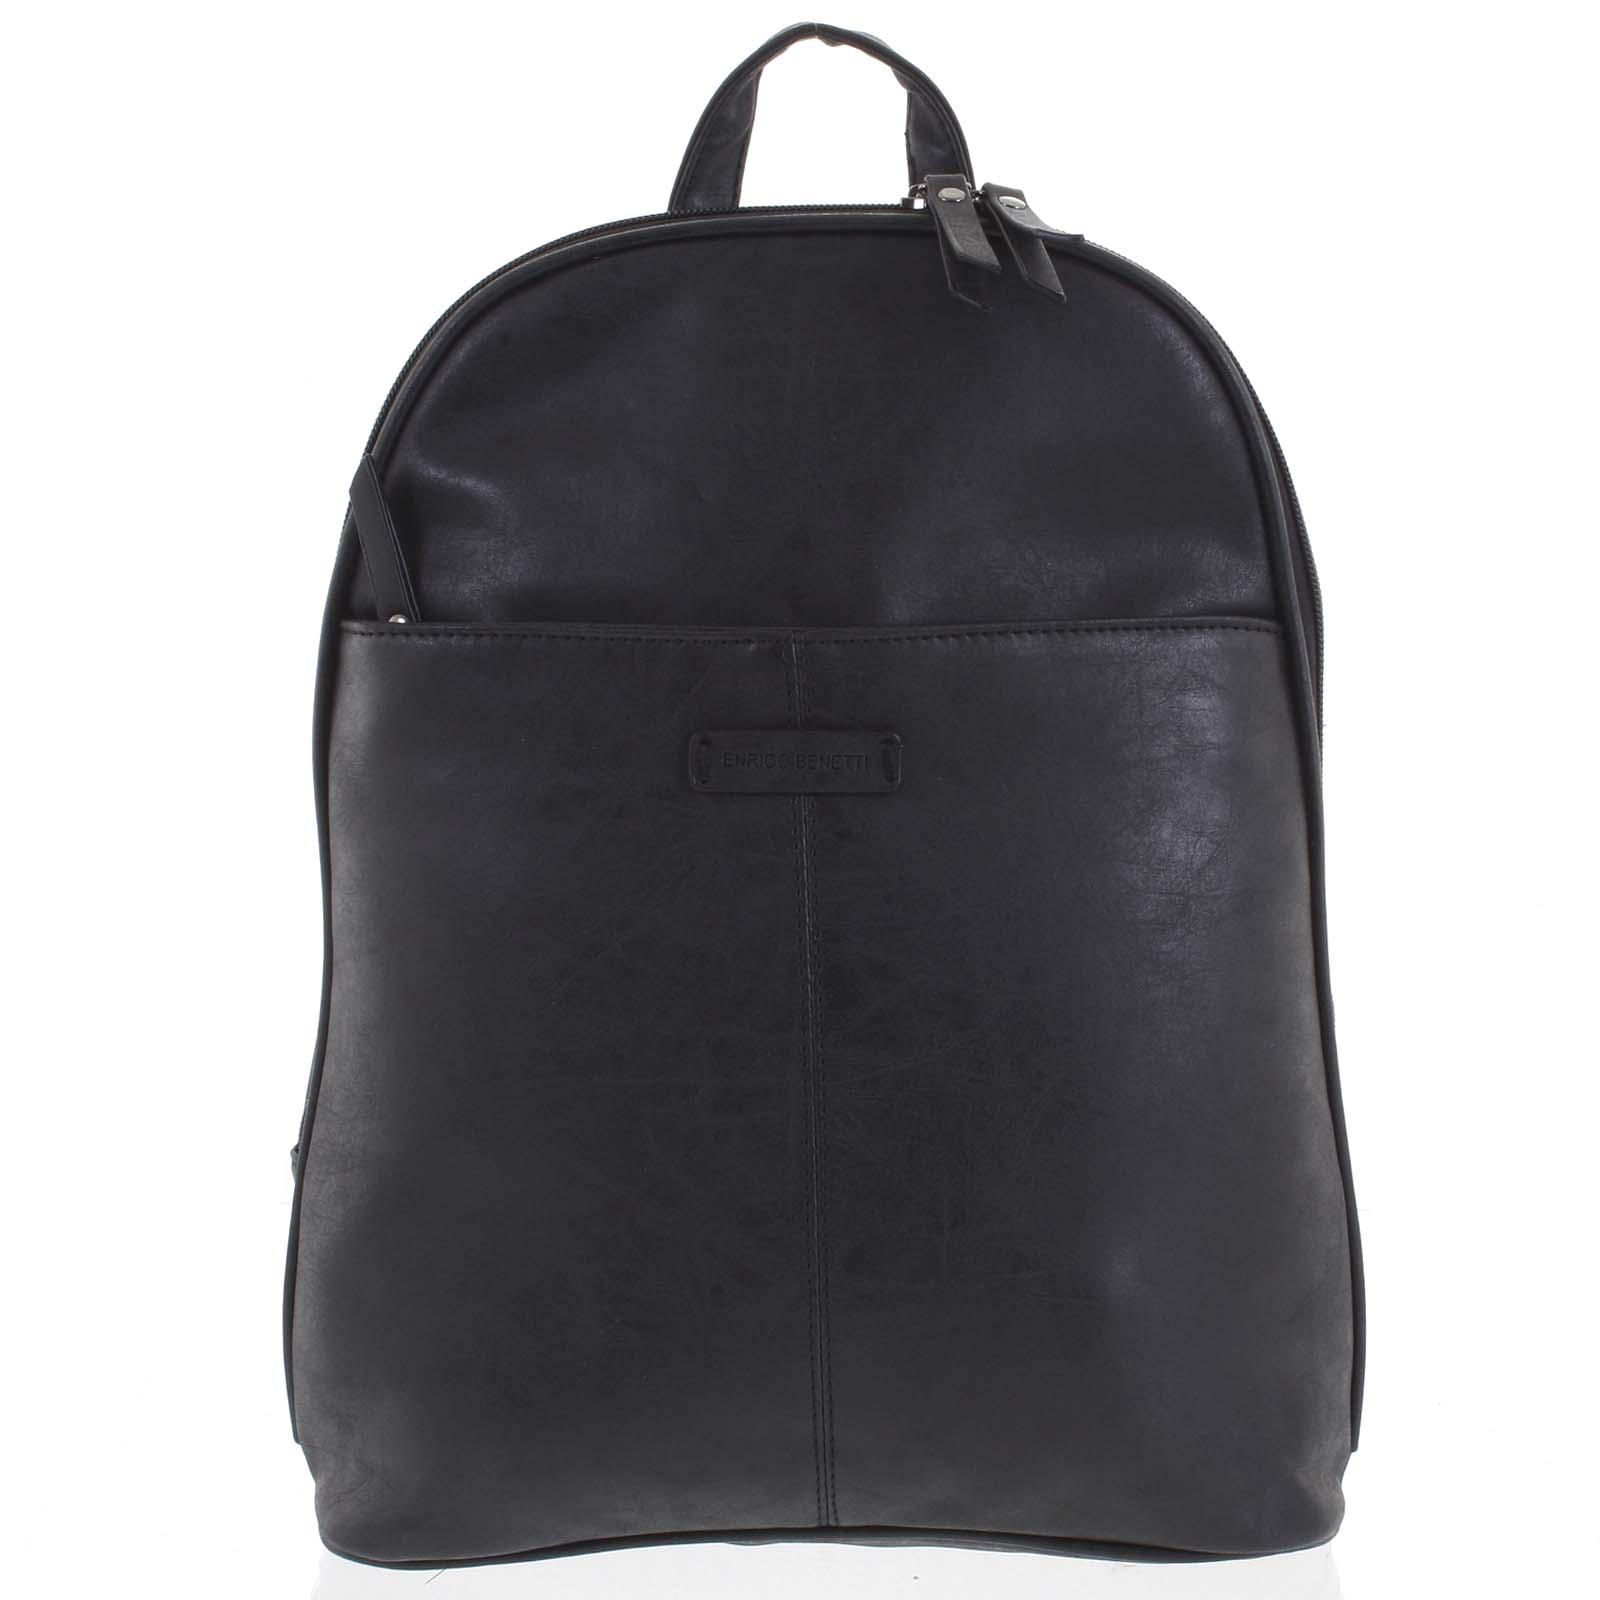 Dámský batoh černý - Enrico Benetti Oftime černá